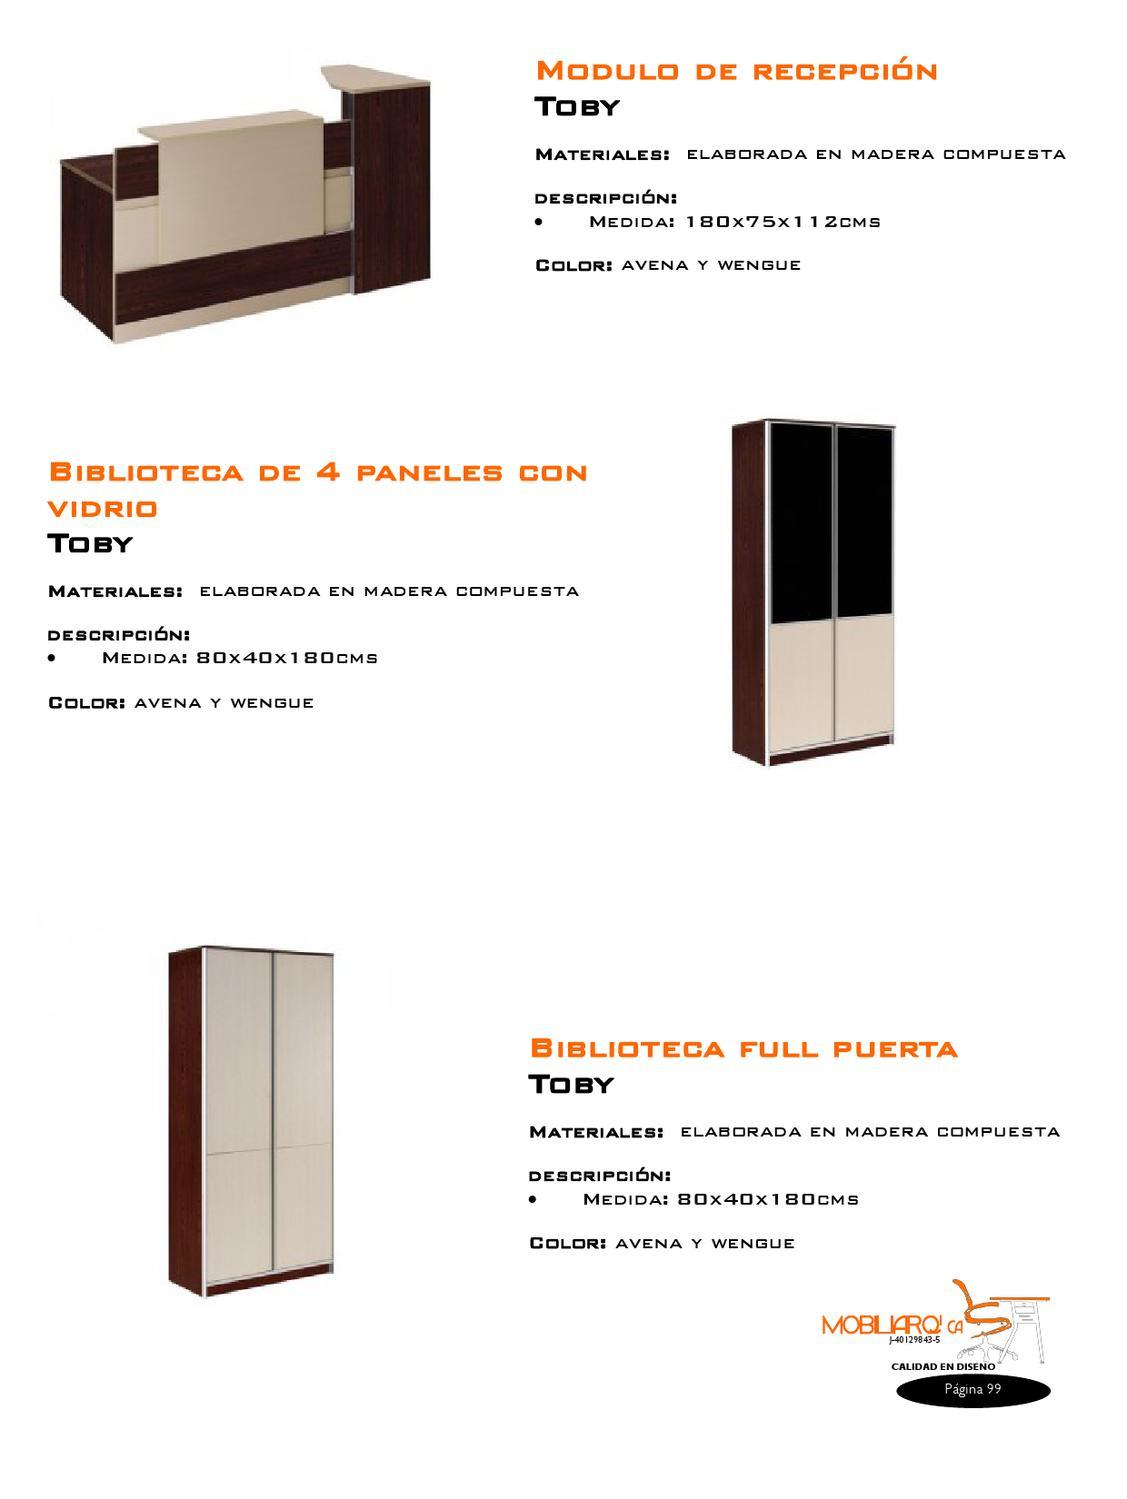 Mobiliarq Ca Catalogo By Mairyn J Pérez Issuu